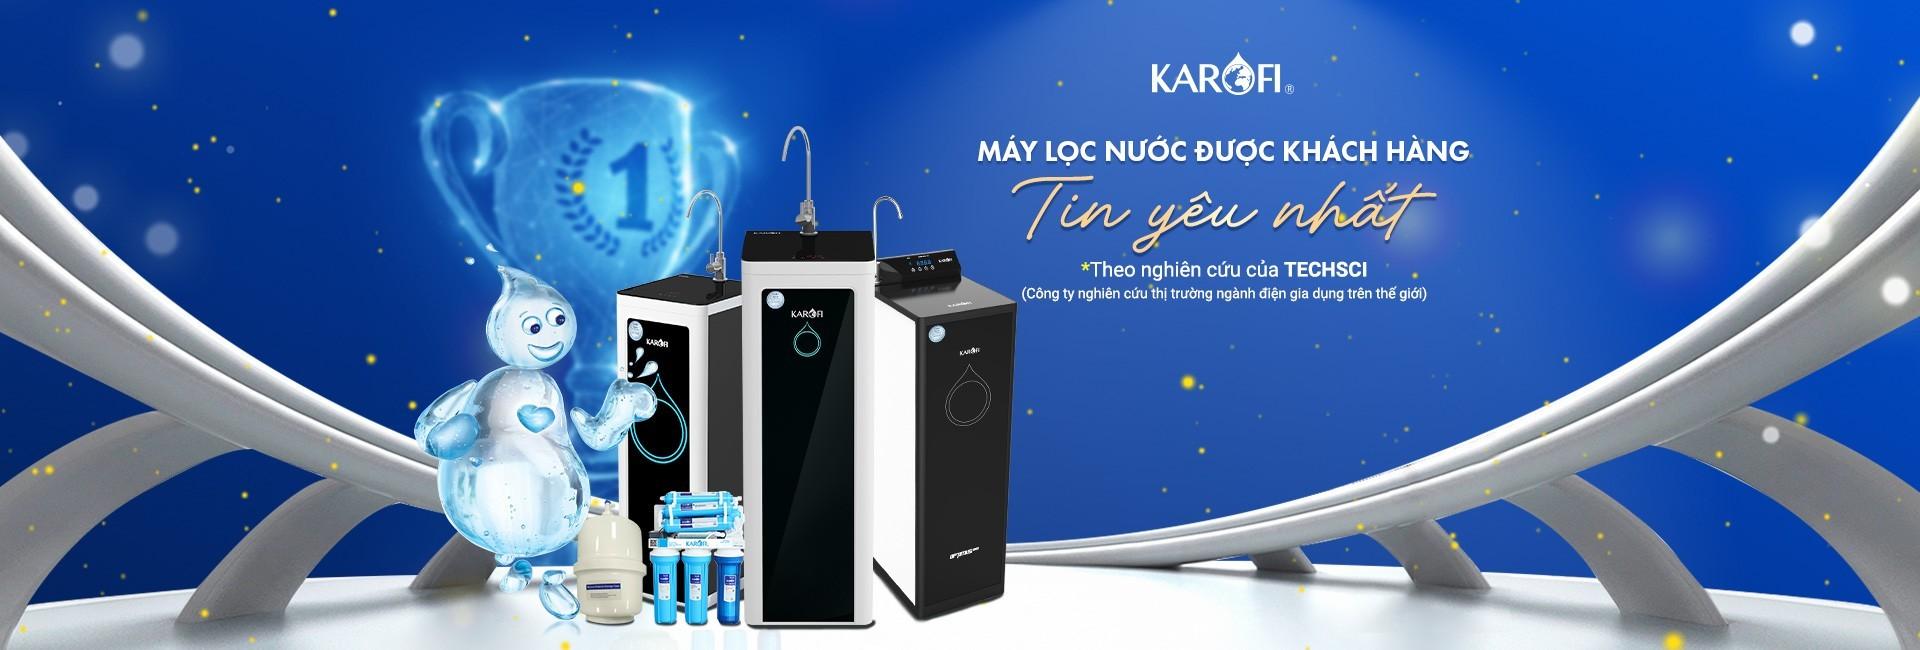 Máy lọc nước Karofi được tin dùng nhất